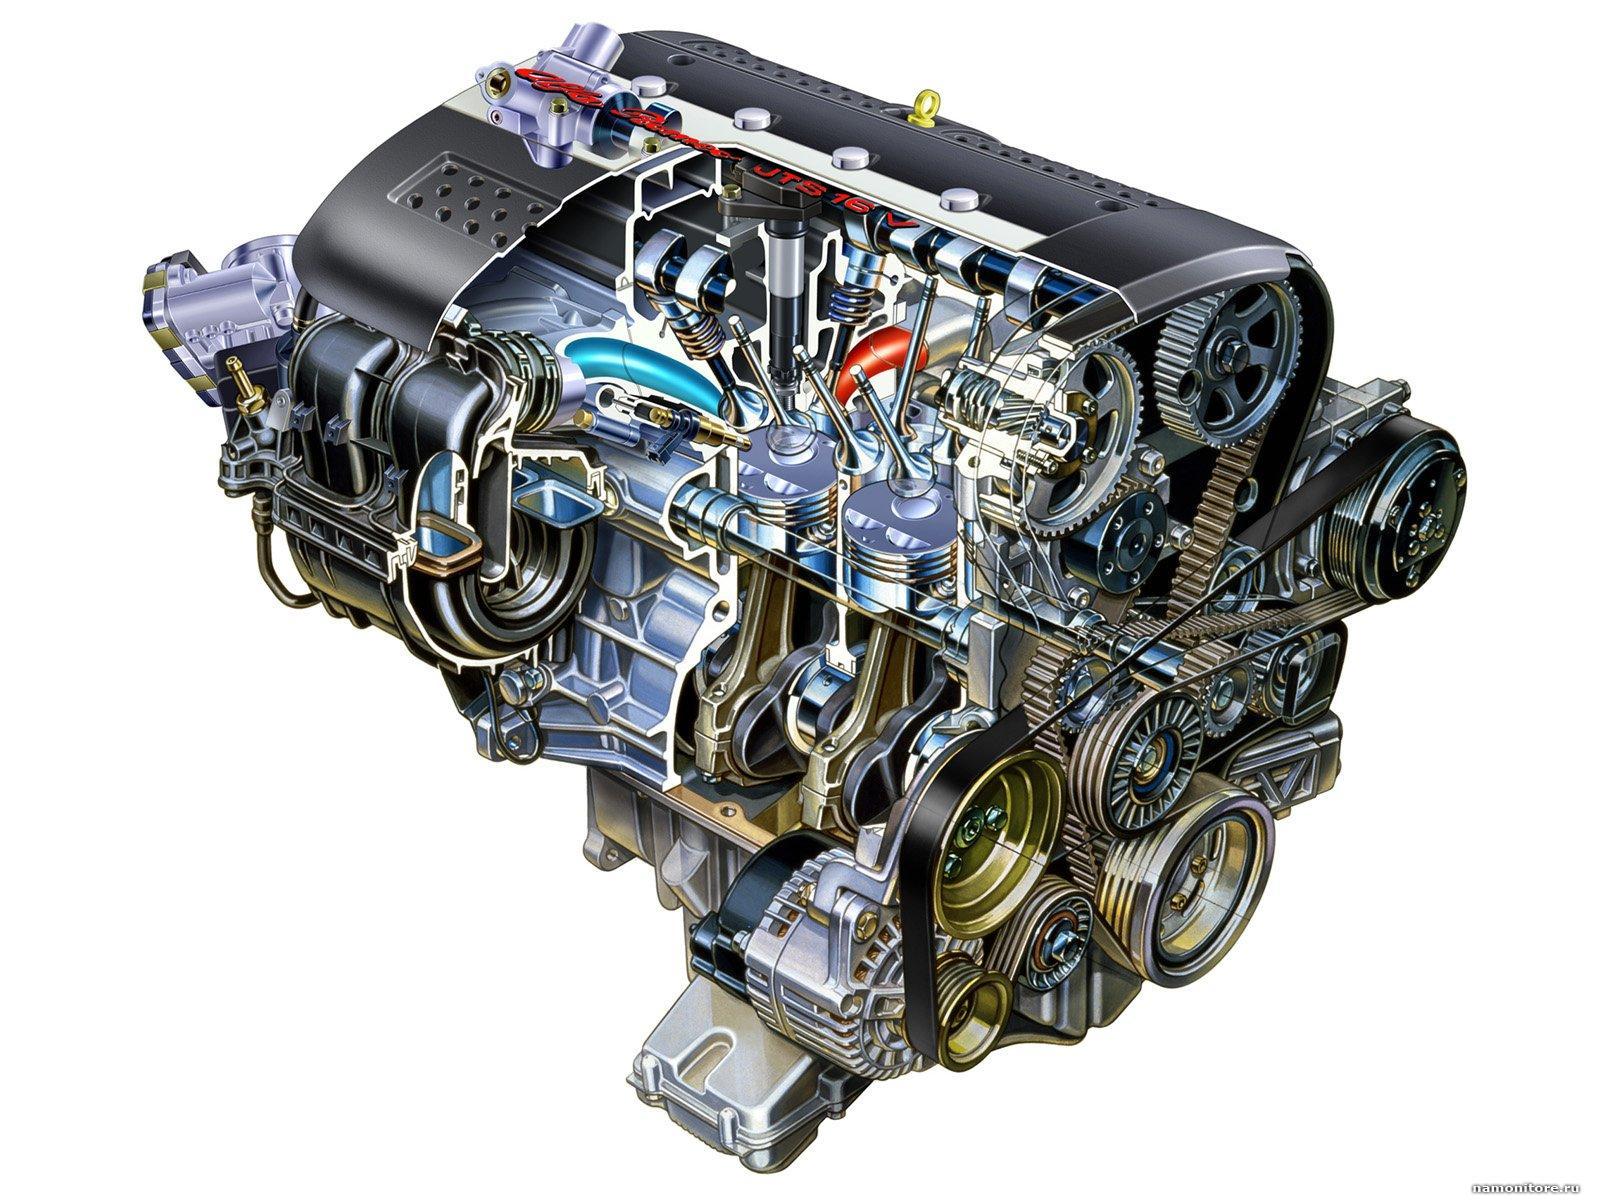 Купить двигатель в Павлодар, бензин, дизель двс